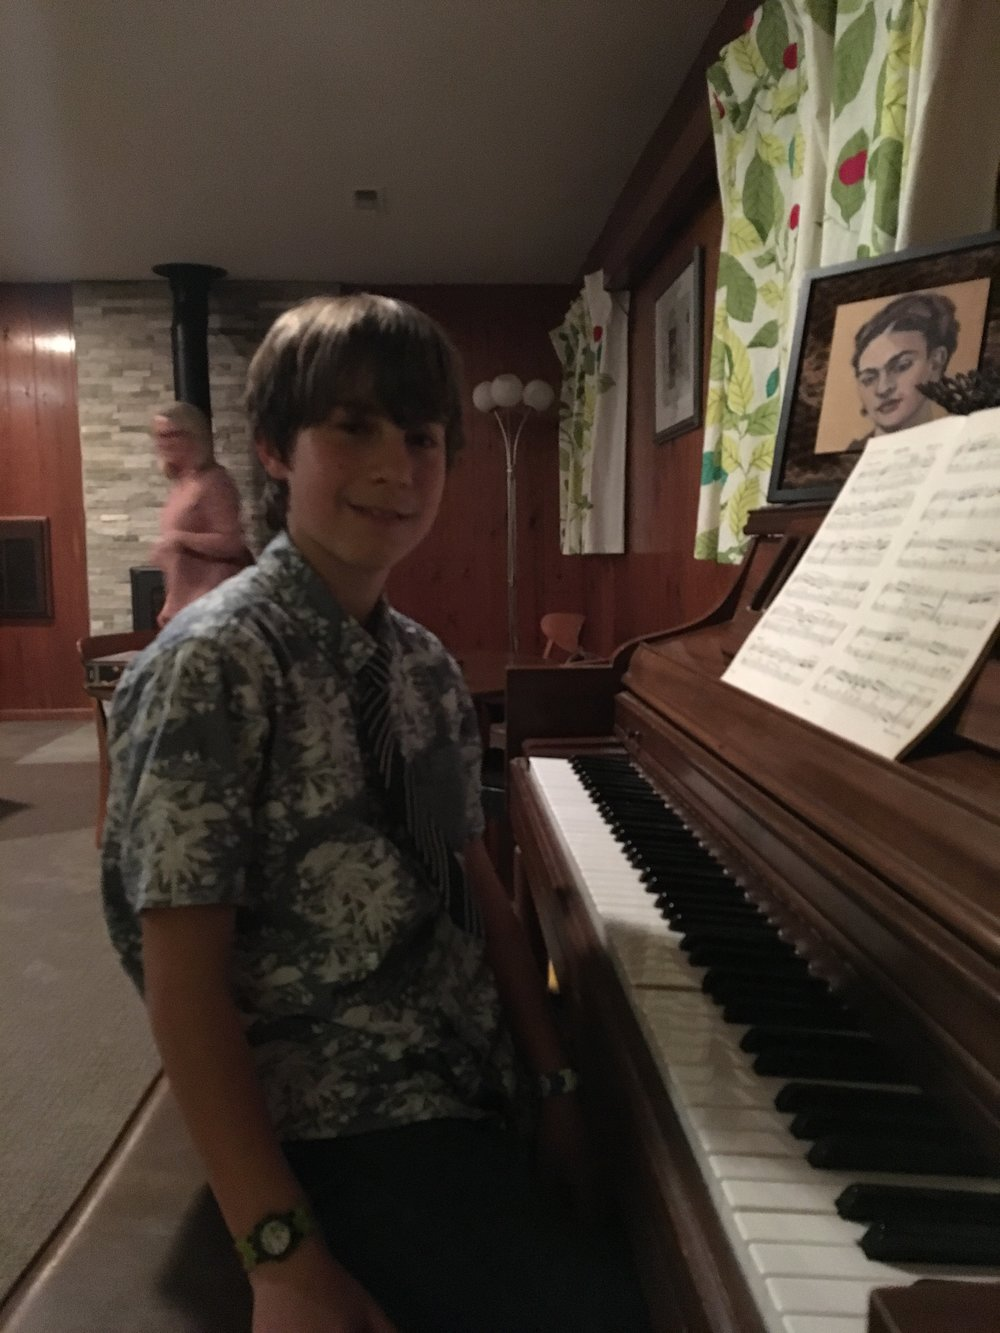 L at the piano.